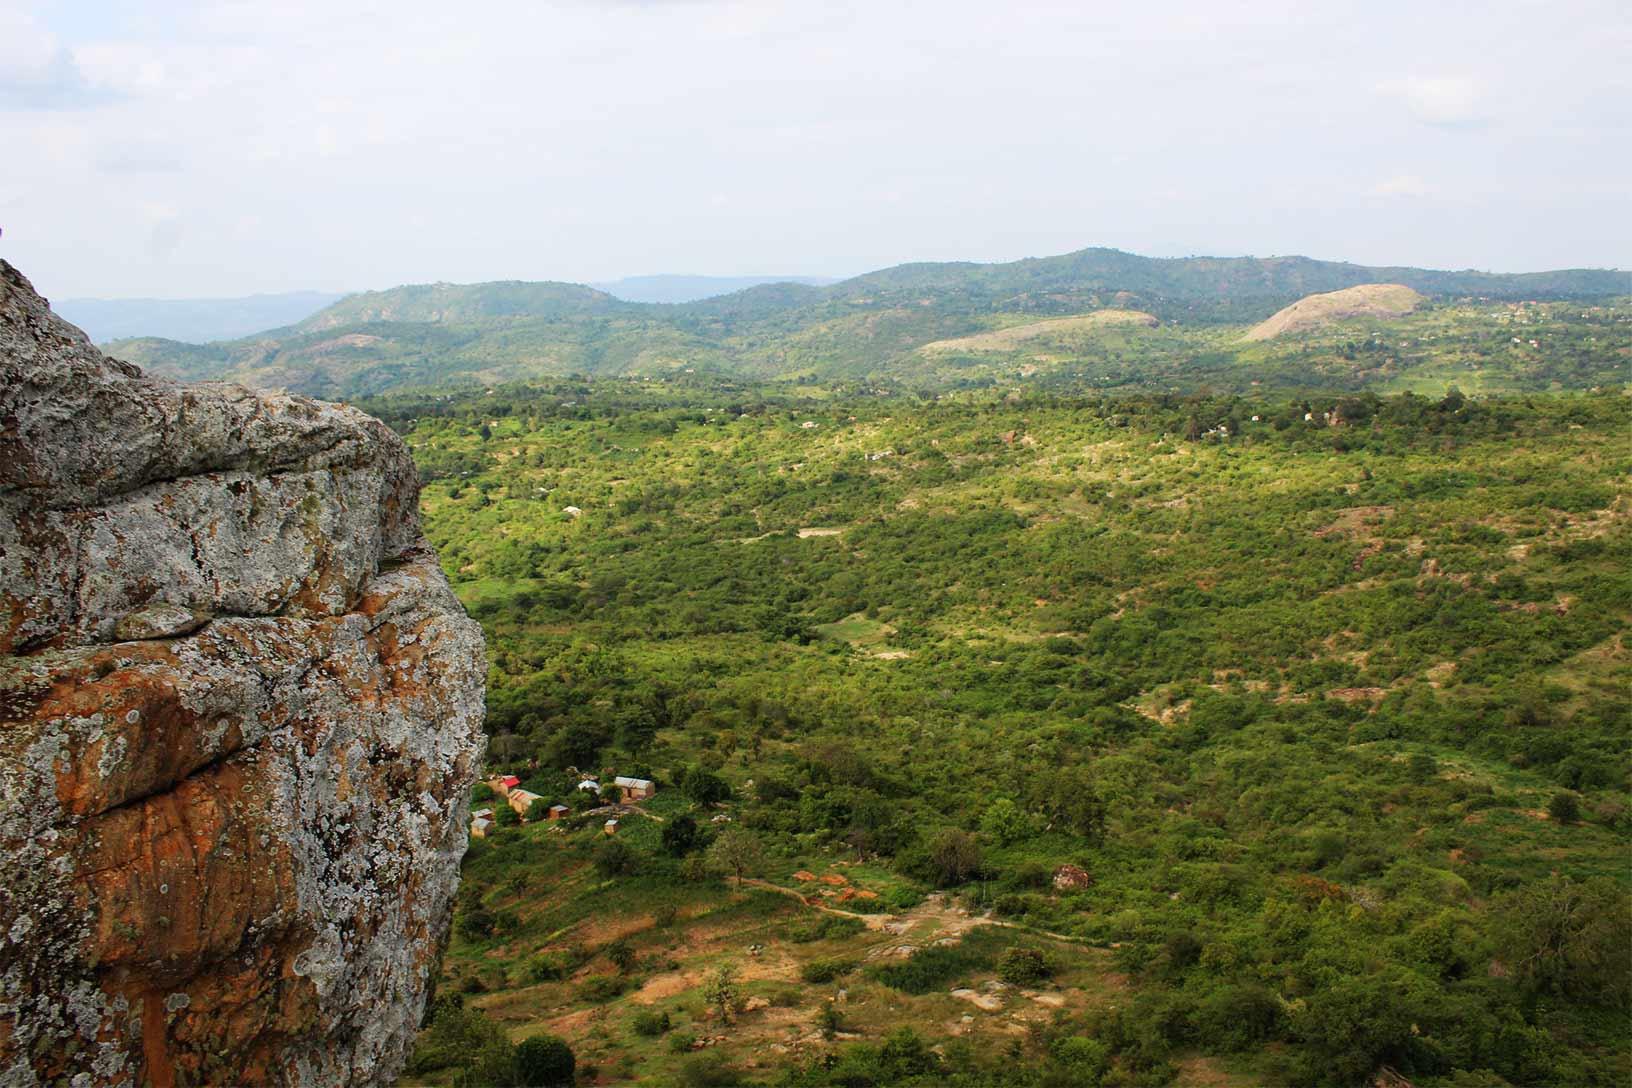 Nzambani Rock Side View